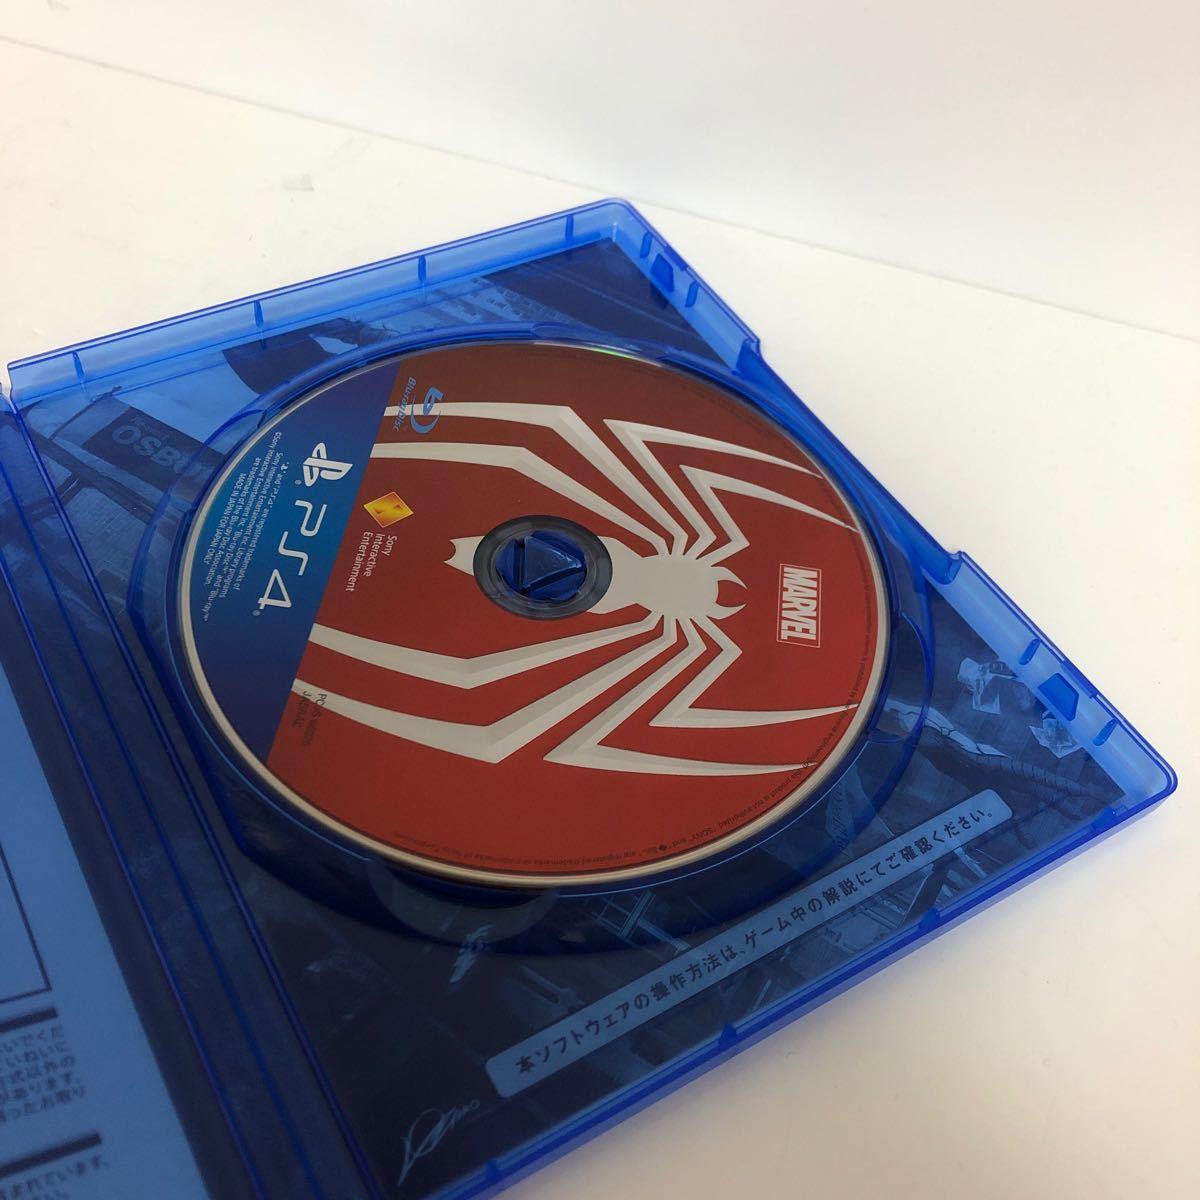 PS4 スパイダーマン プレイステーション4  PS4